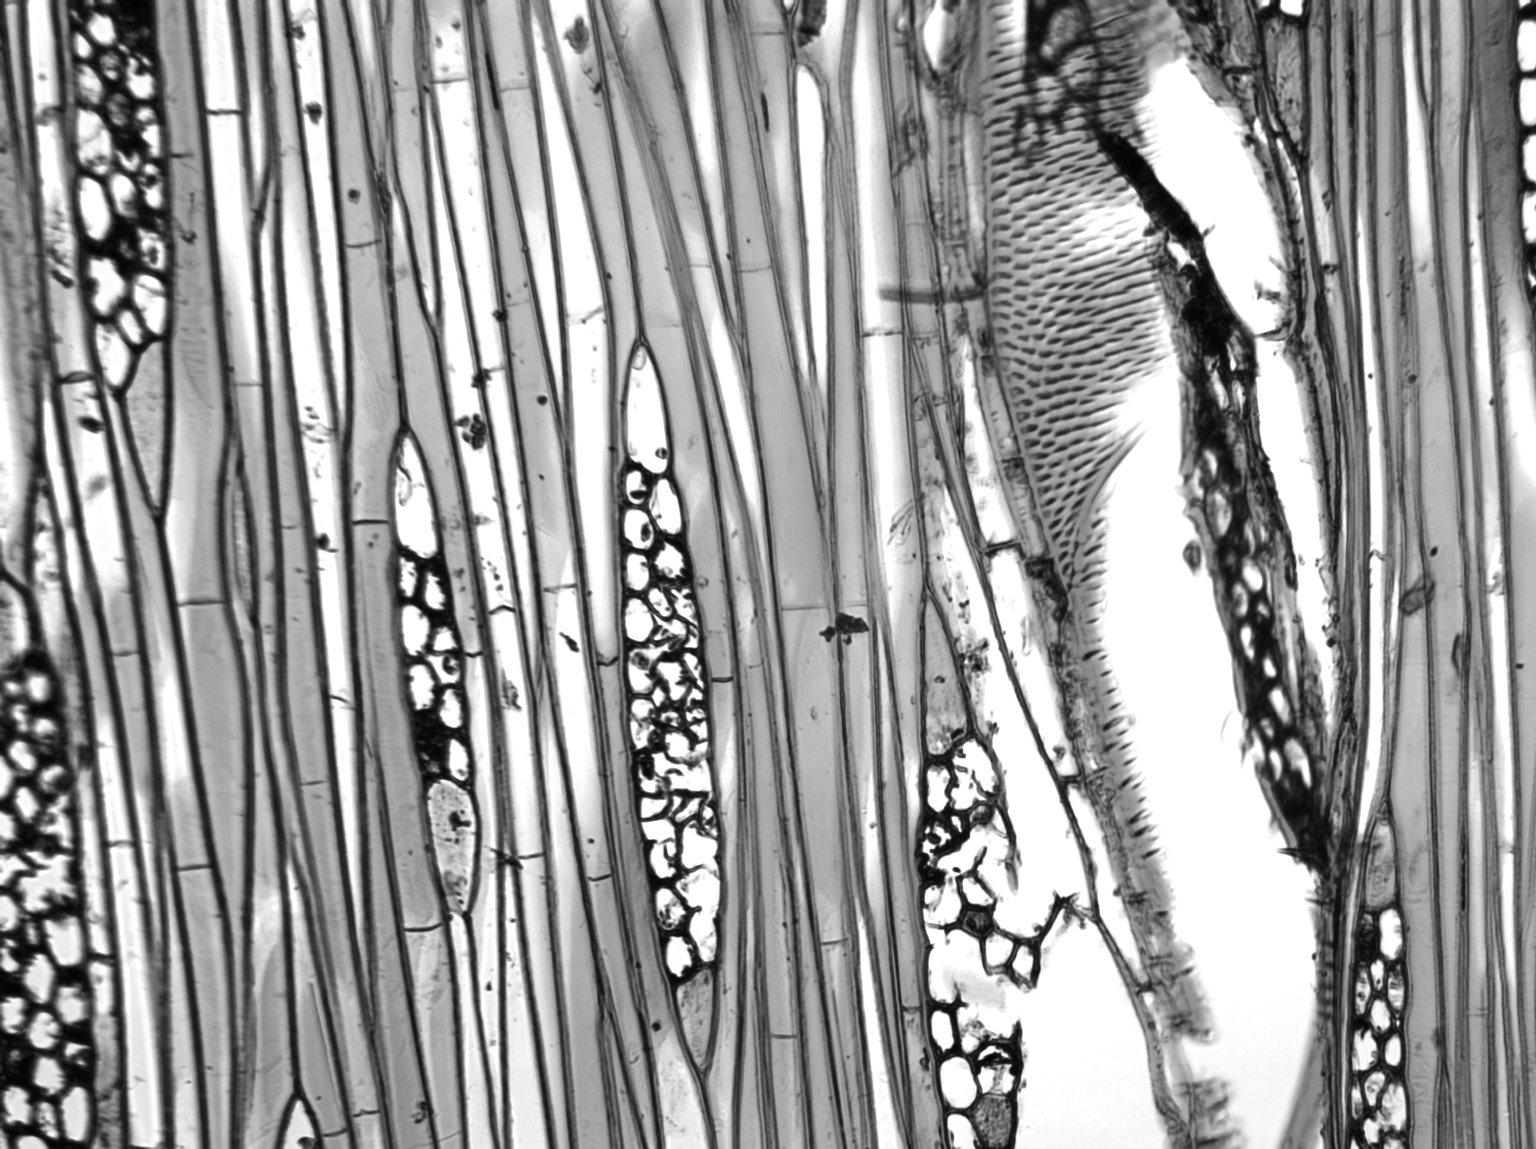 BURSERACEAE Trattinnickia demerarae